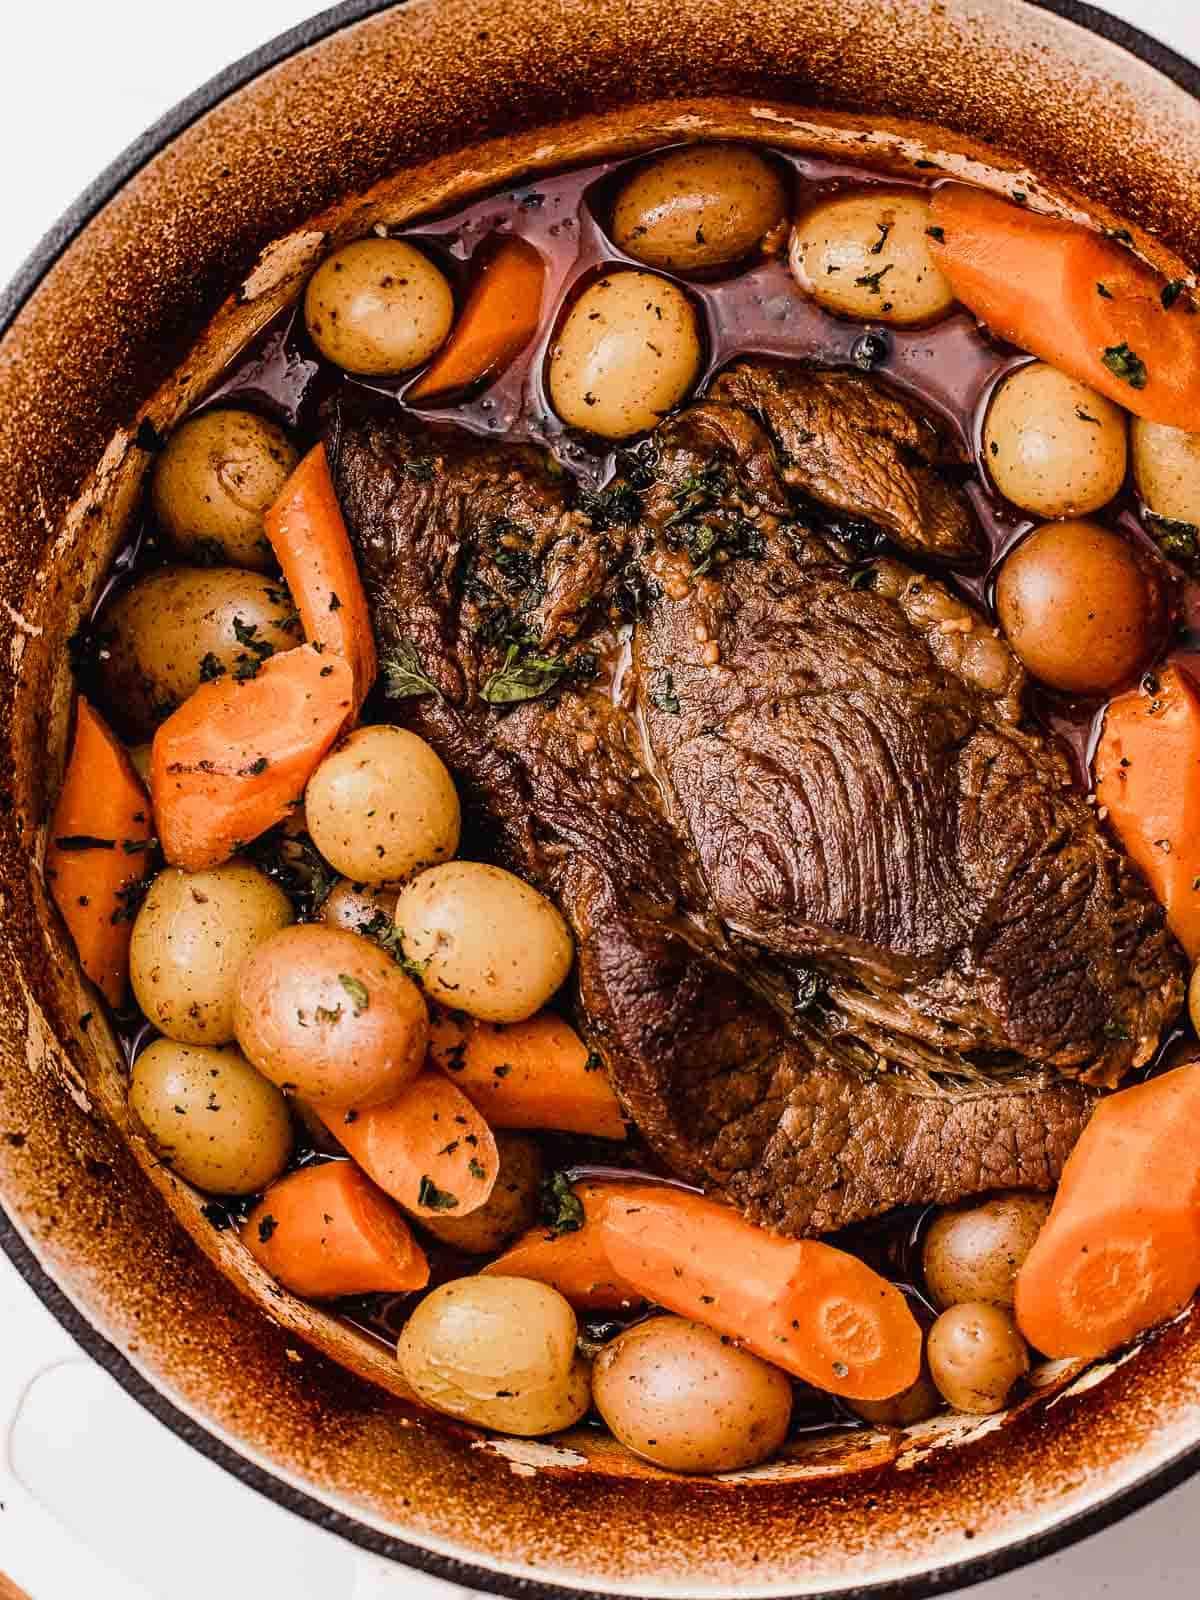 A classic pot roast in a dutch oven with veggies.